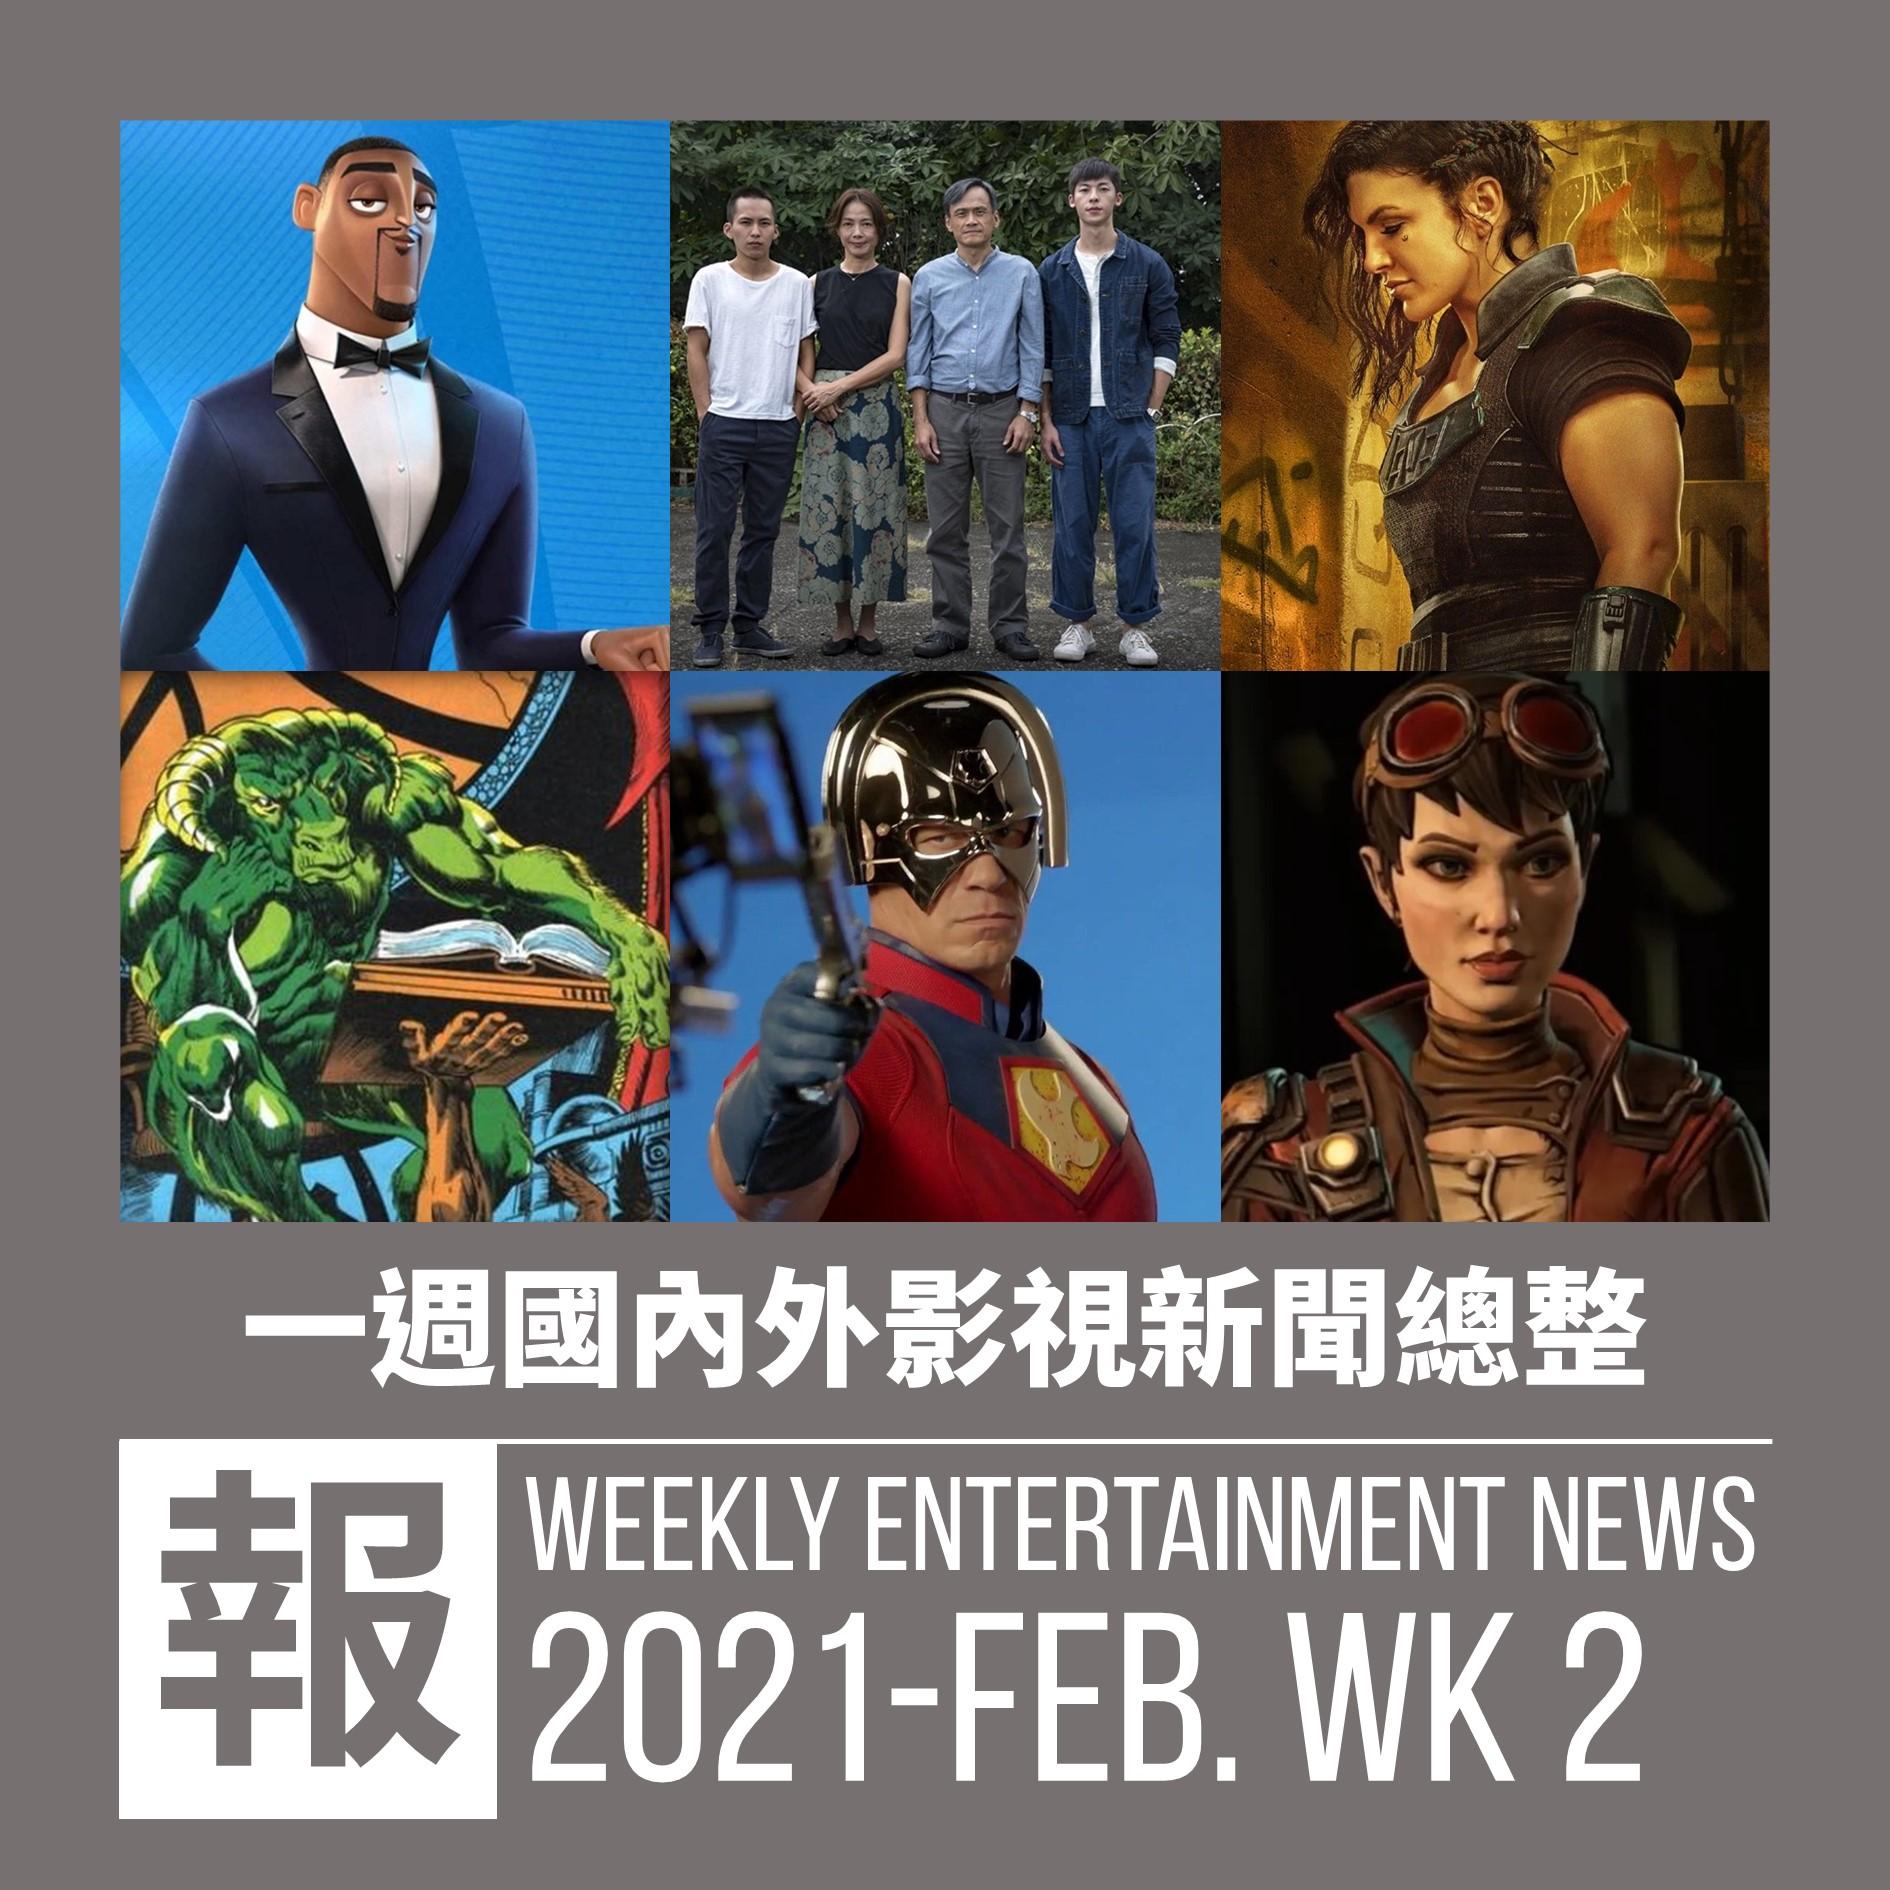 【梗你報新聞】2021年2月 第二週 國內外影視新聞總整   藍天工作室關閉   《陽光普照》入選奧斯卡短名單   吉娜卡拉諾被《曼達洛人》開除   《奇異博士》的外星好夥伴   江西男《和平使者》明年一月上線   《最後生還者》電影男女主角確定   新版《變臉》確定導演人選   XXY + Jericho